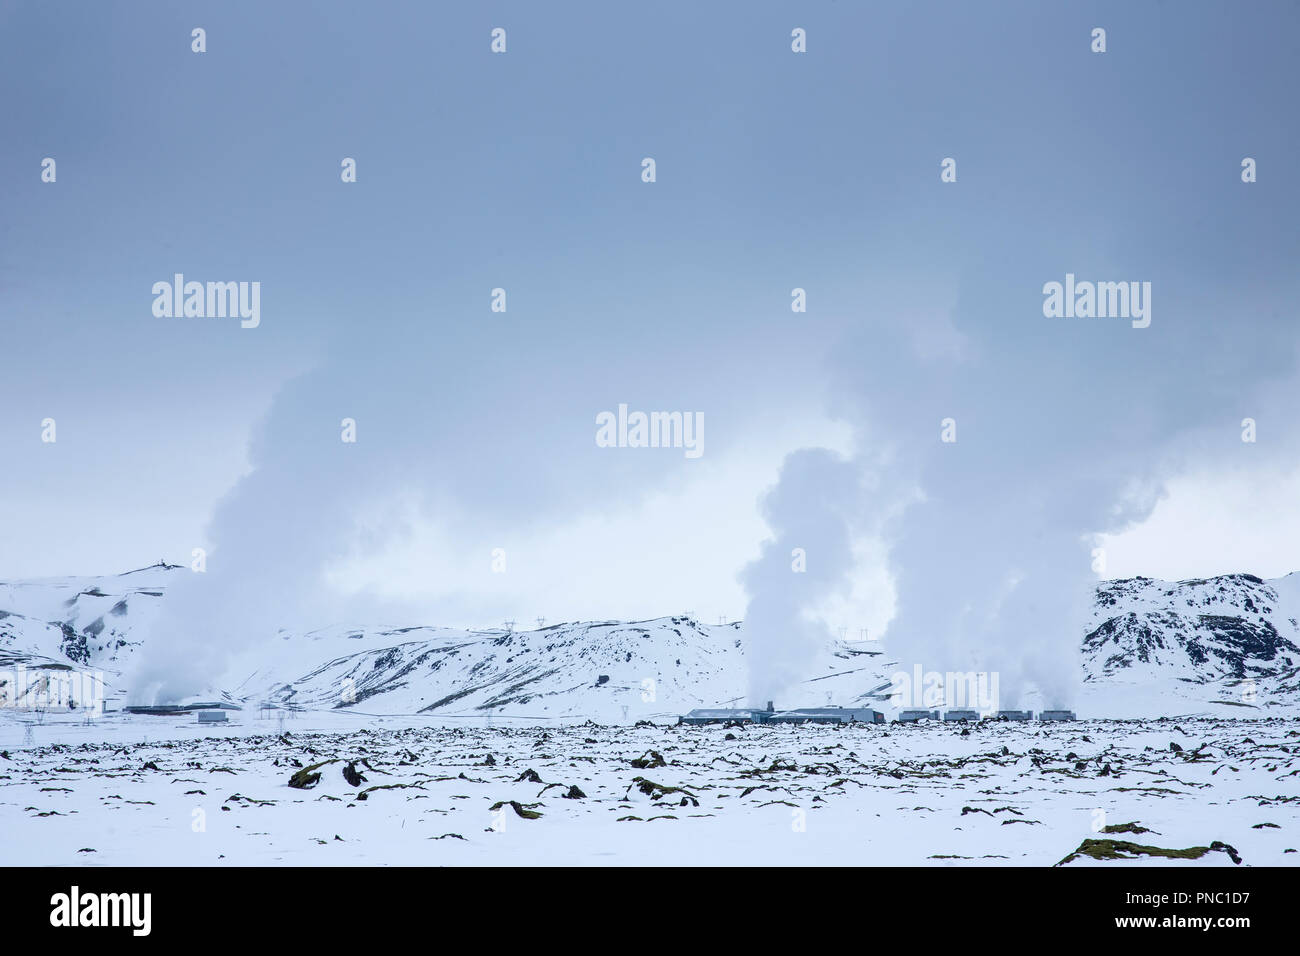 Subiendo al vapor en energía Orka Natturunn, la energía de la naturaleza, energía verde planta geotérmica energía renovable, Reykjavik, el sur de Islandia Imagen De Stock